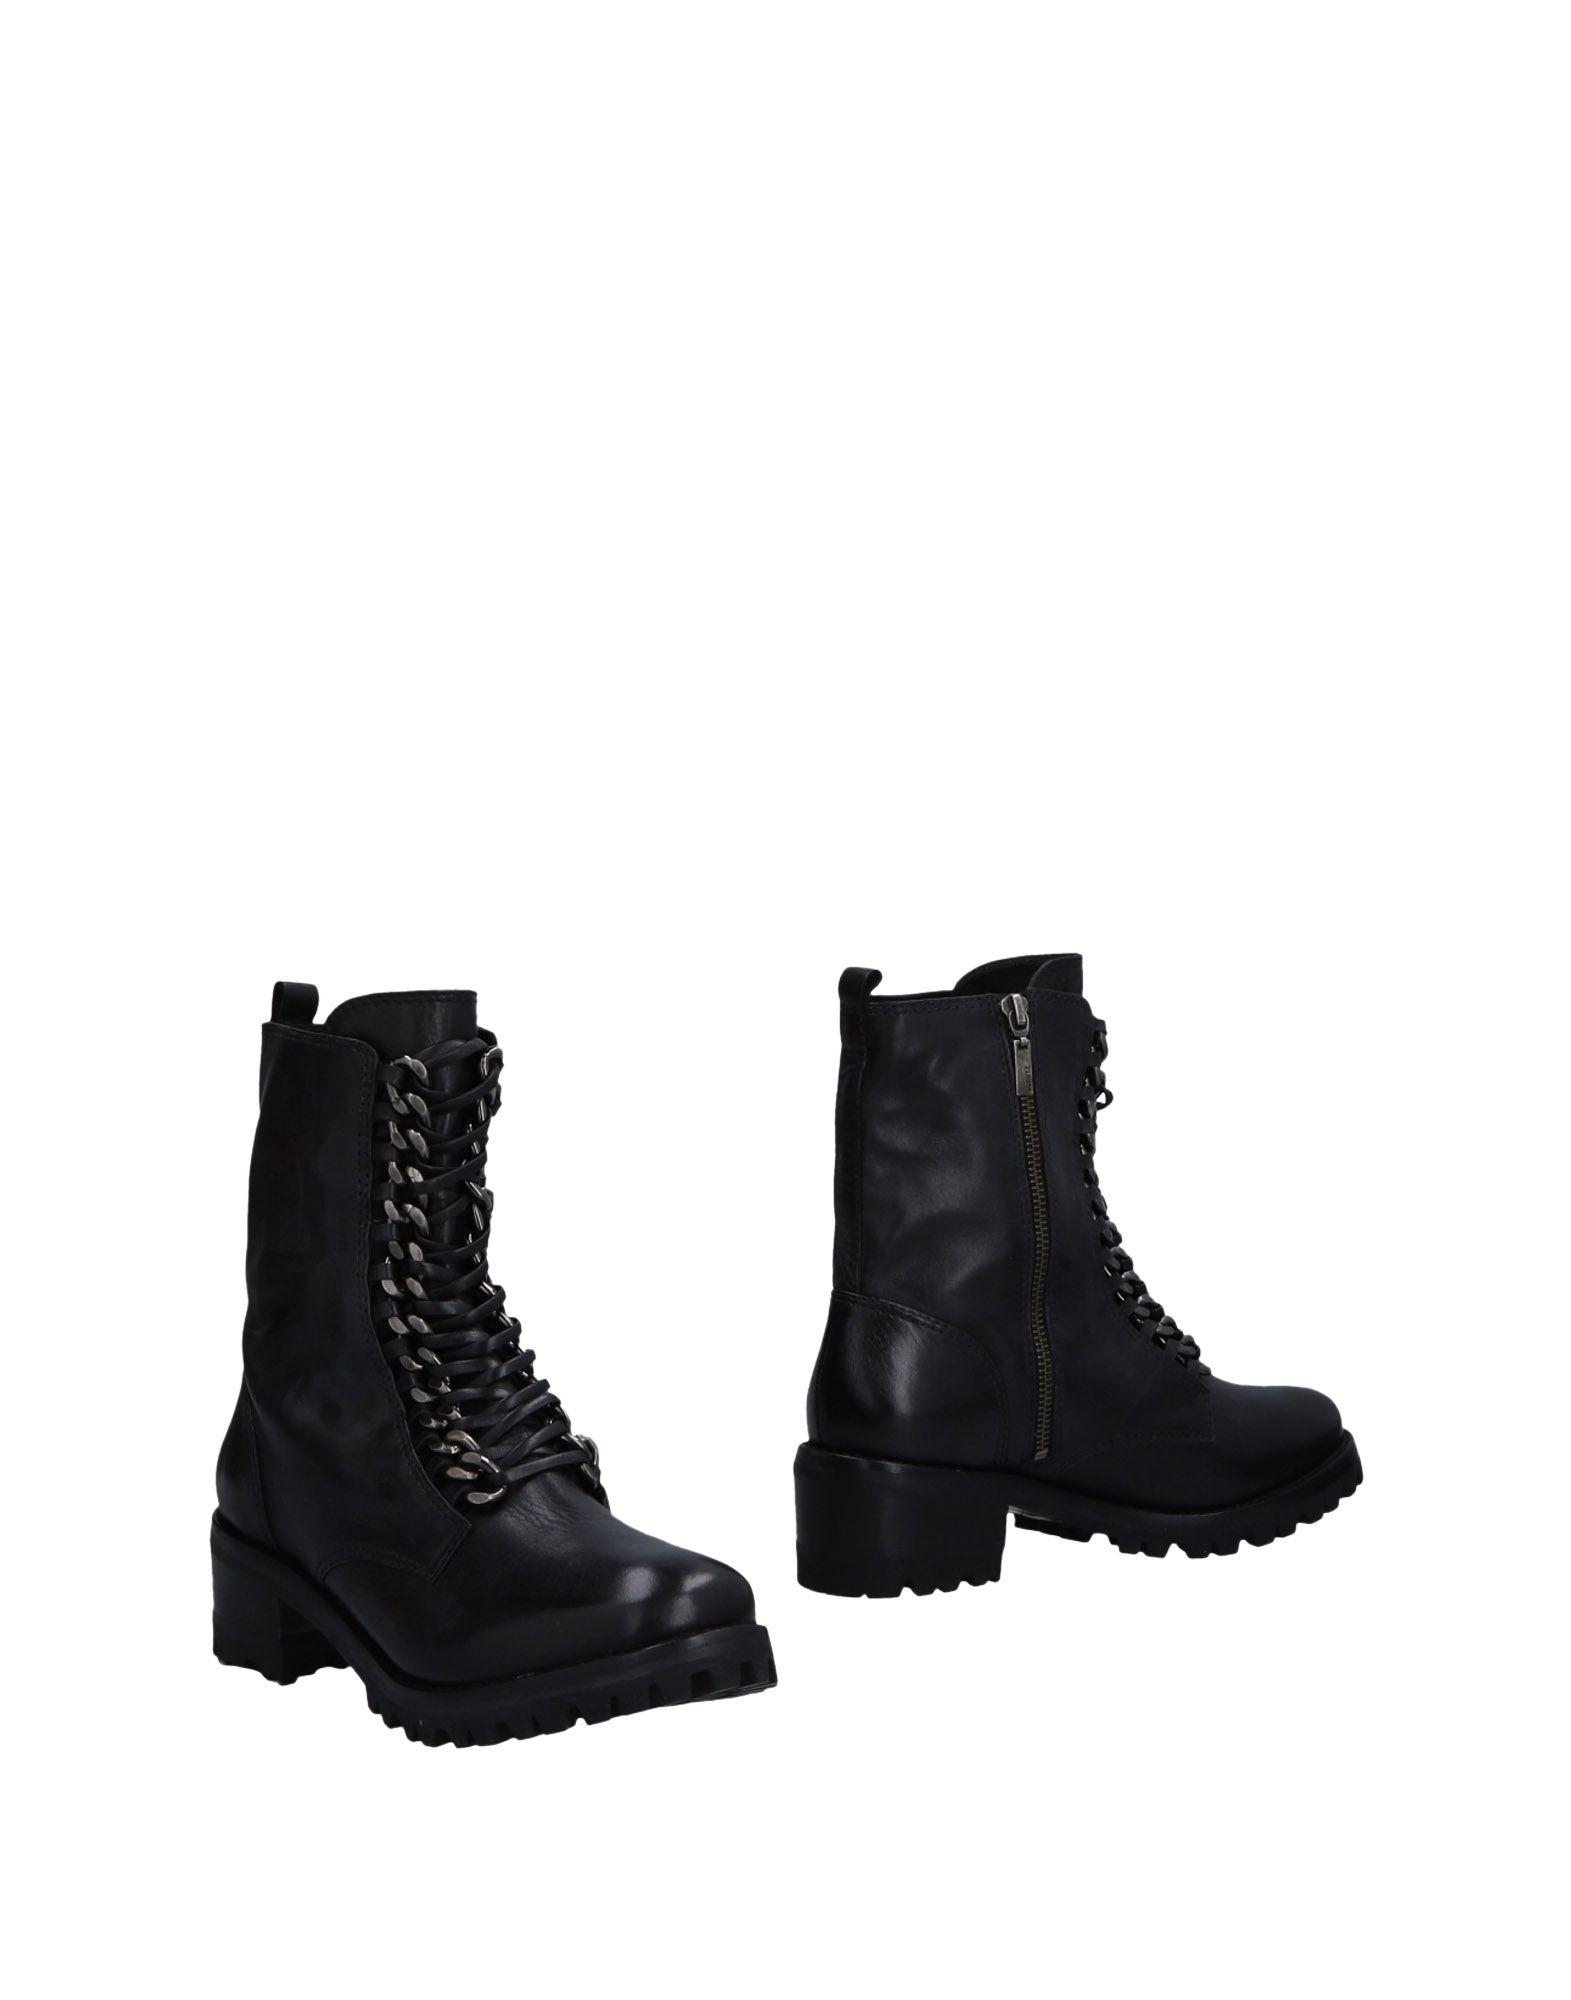 Schutz Stiefelette Damen   Damen 11475775NRGut aussehende strapazierfähige Schuhe ac7e37